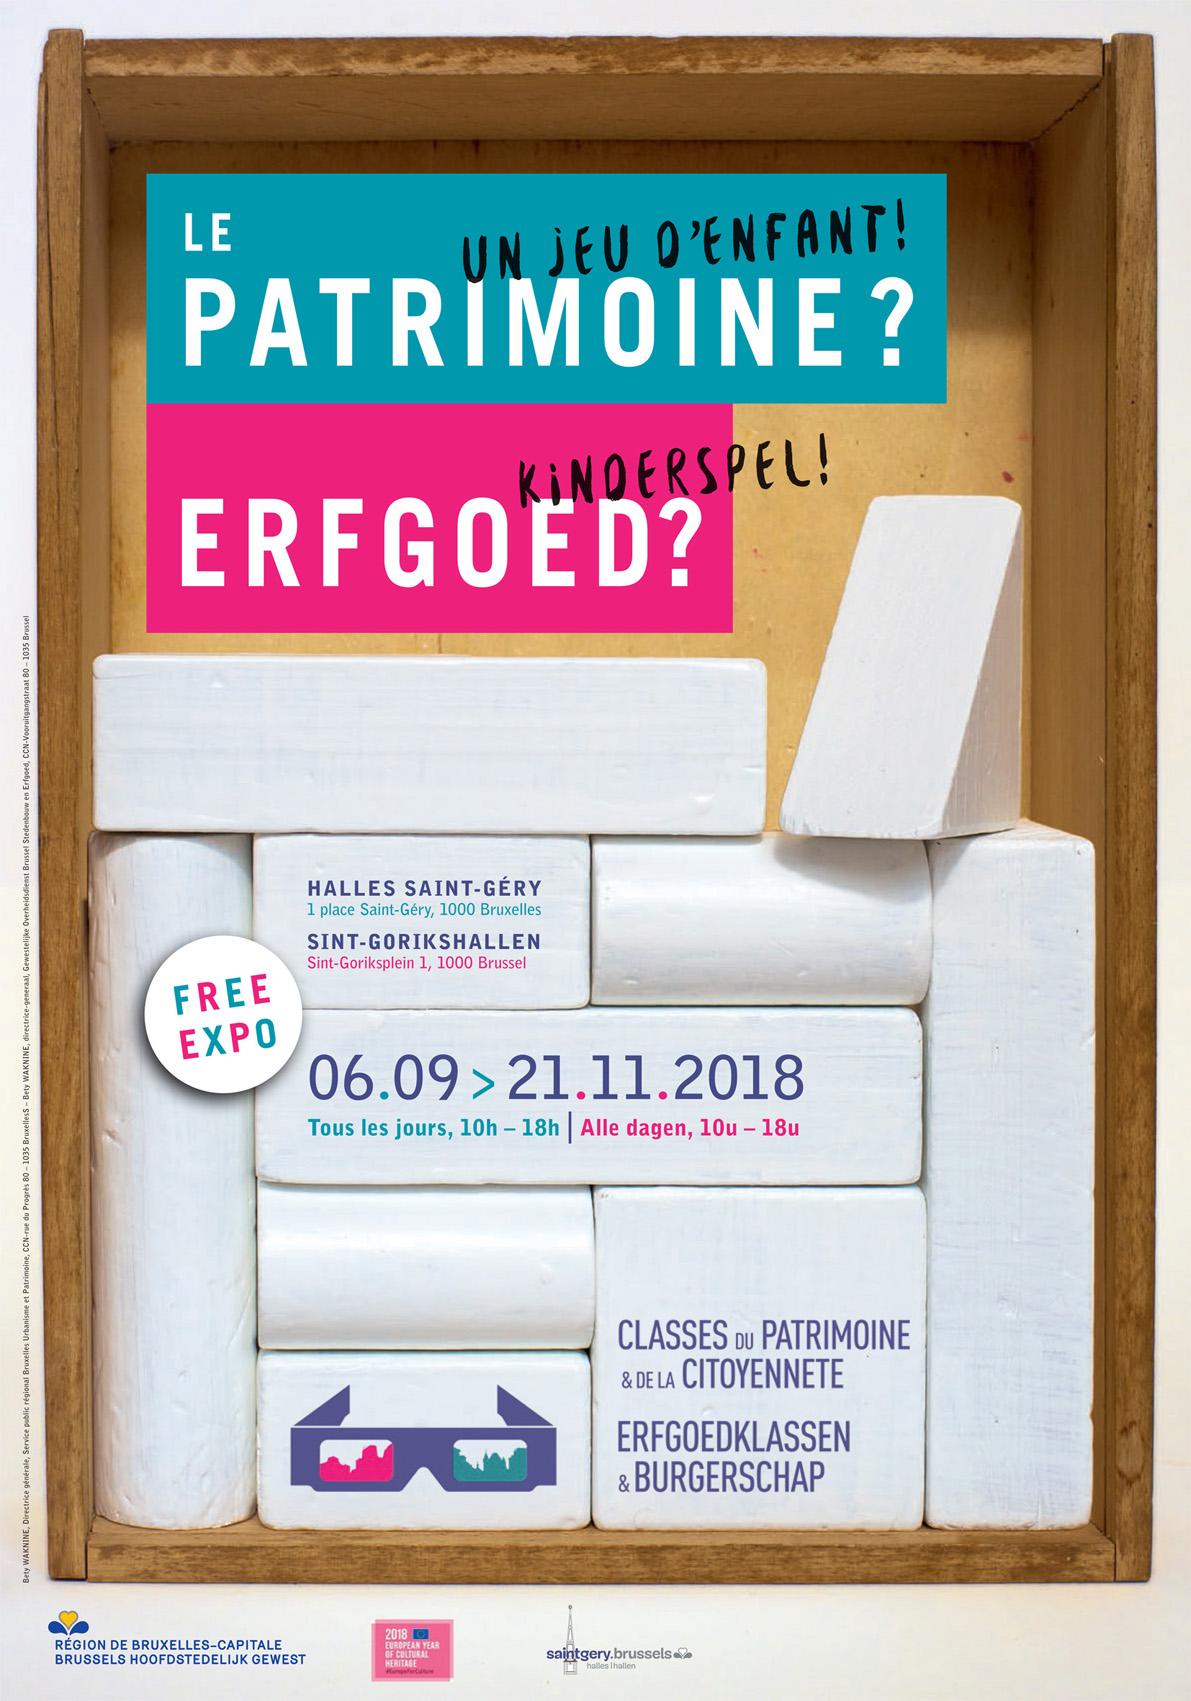 LE PATRIMOINE ? UN JEU D'ENFANT !